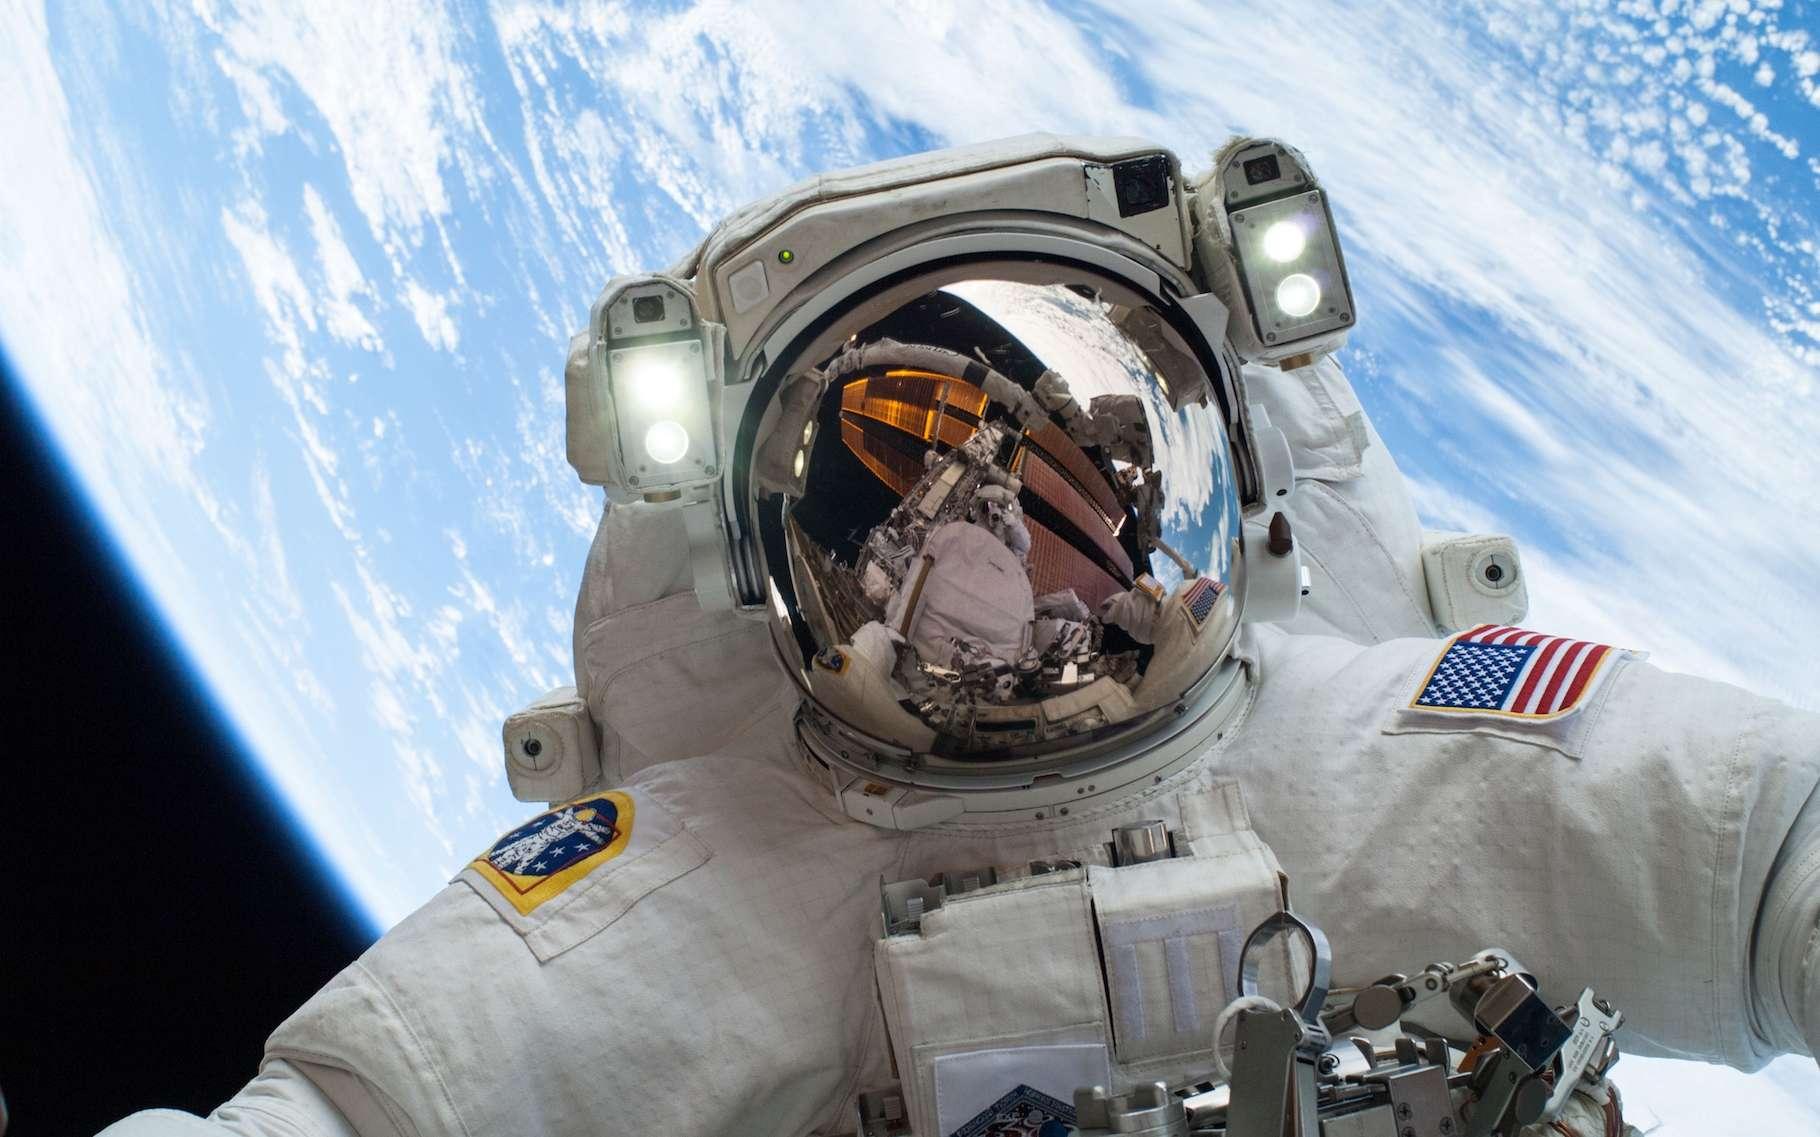 Comment font les astronautes dans leurs combinaisons spatiales quand ils ont une envie pressante ? Peut-on aller aux toilettes dans l'espace ? Et pour se laver ? © Nasa